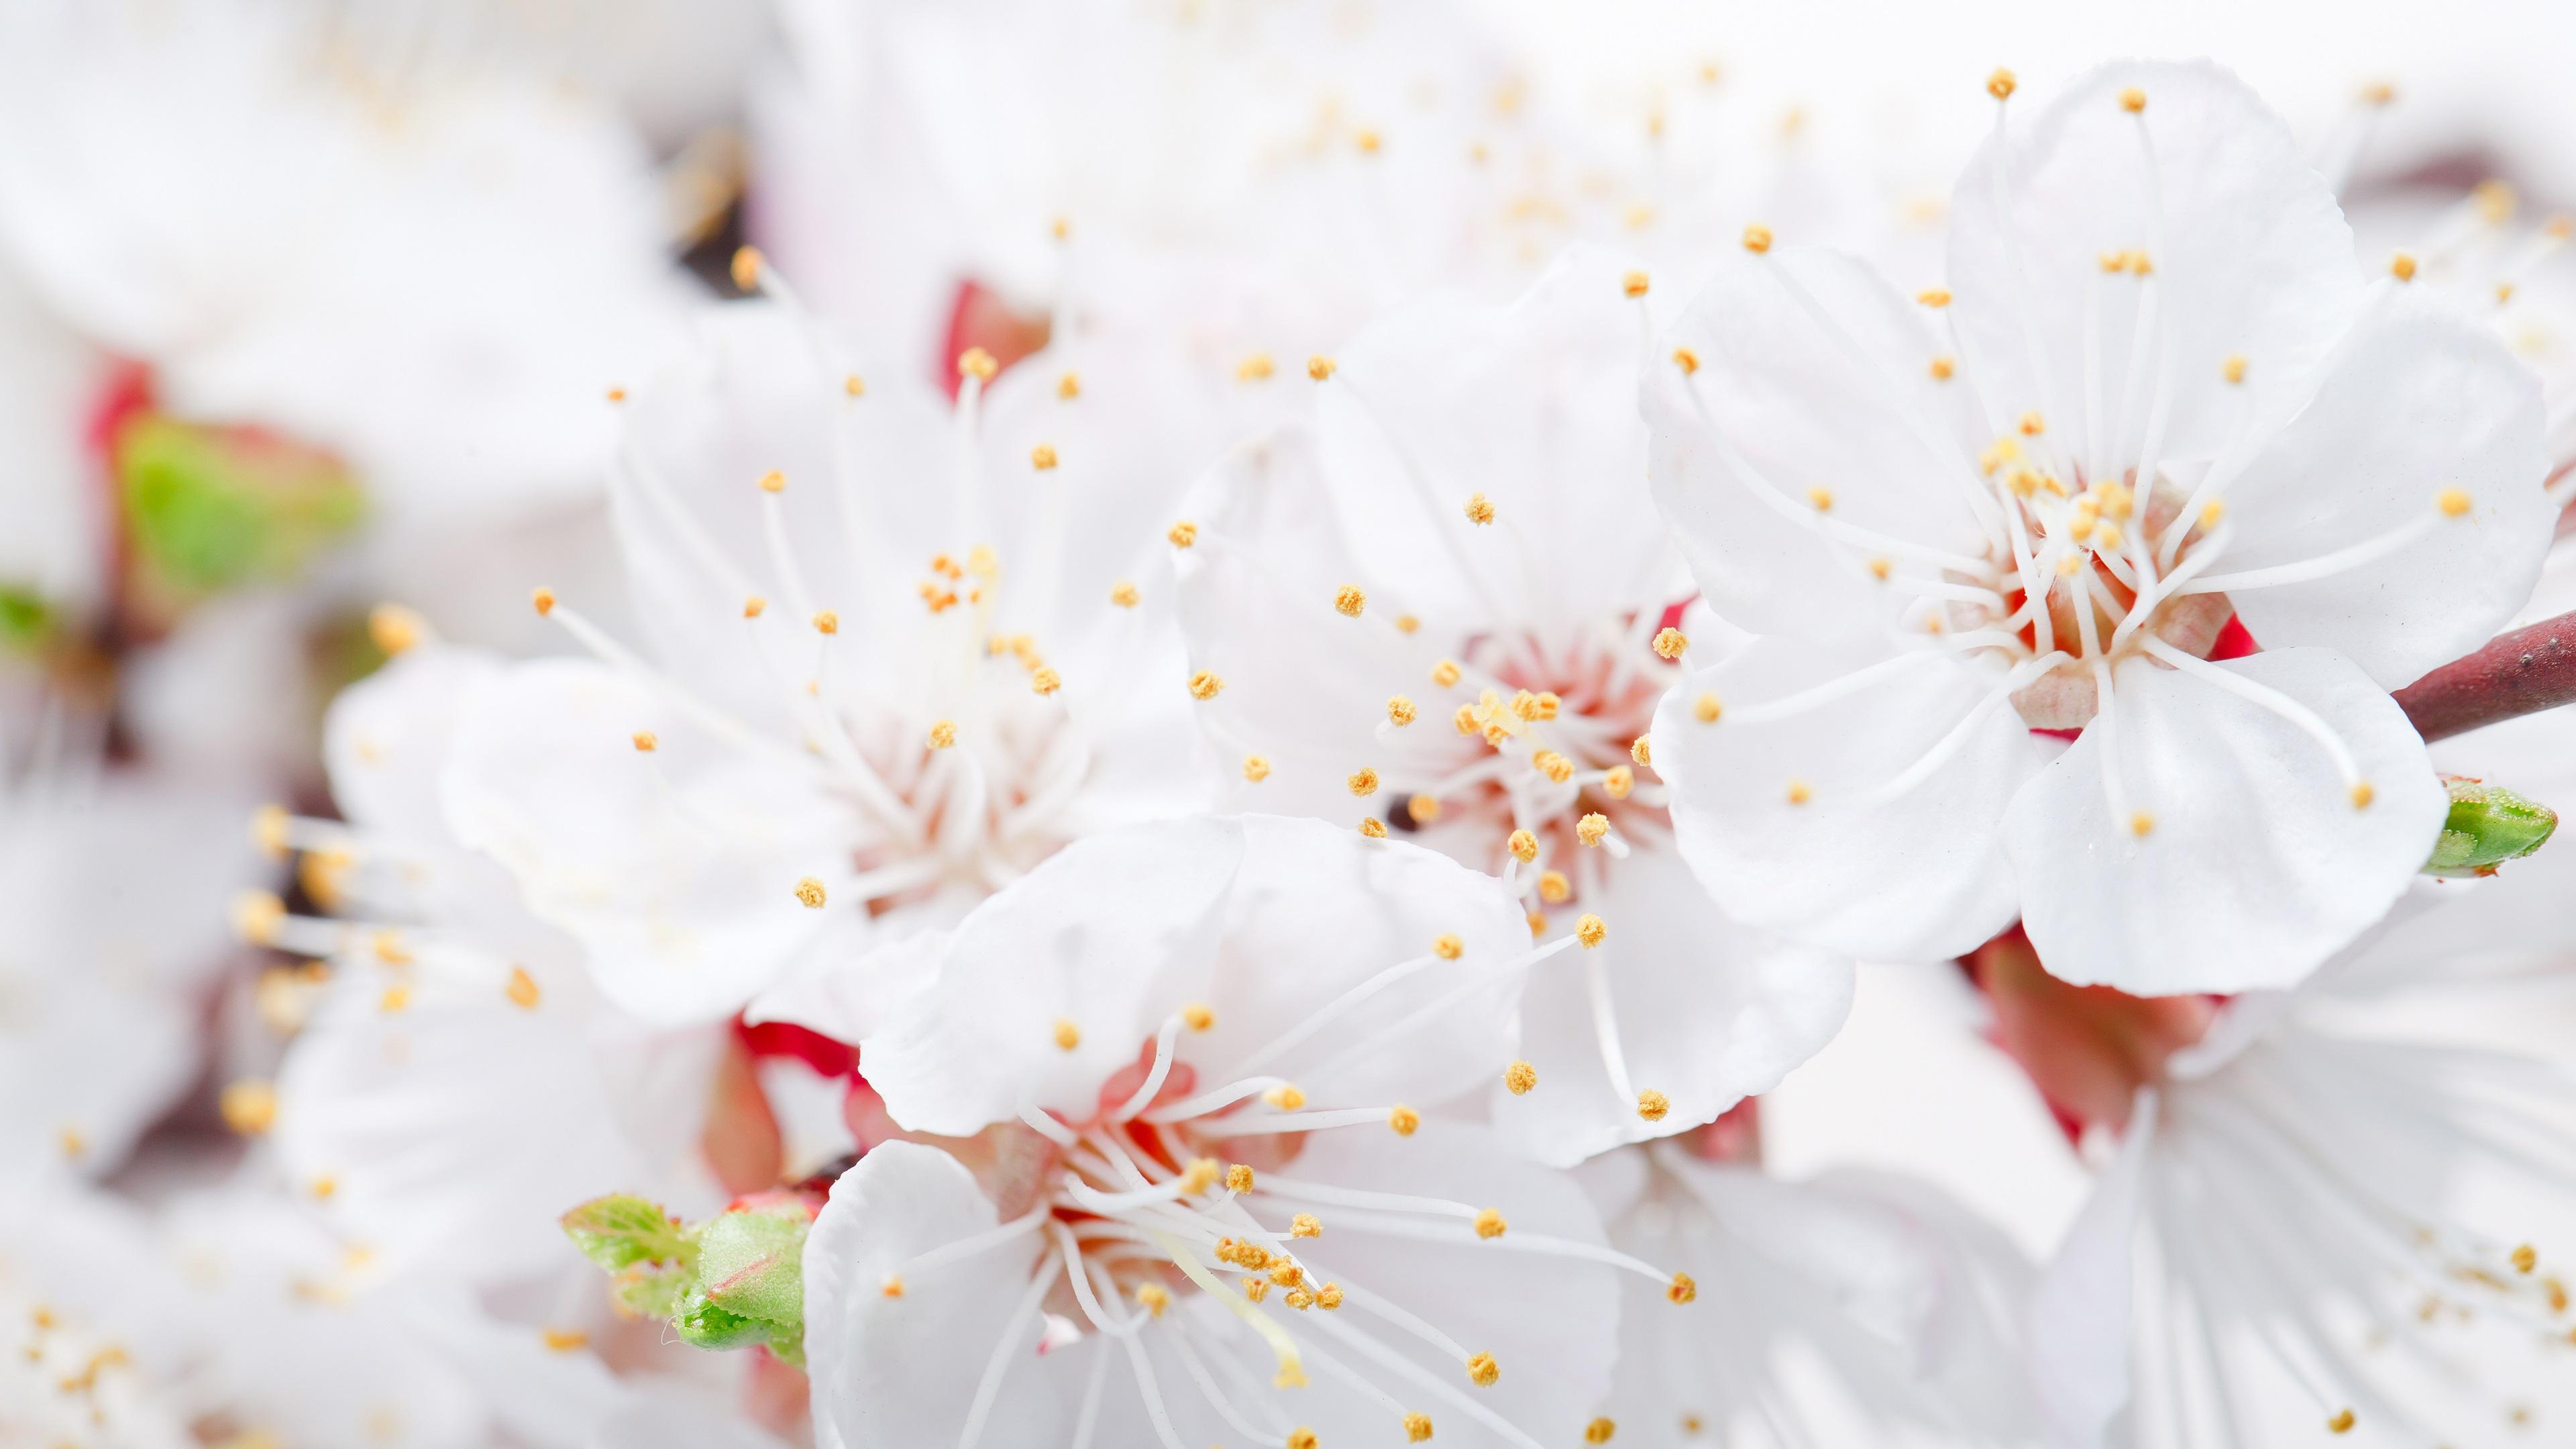 Fonds D'écran Pétales Fleurs Blanches Close-up, Le